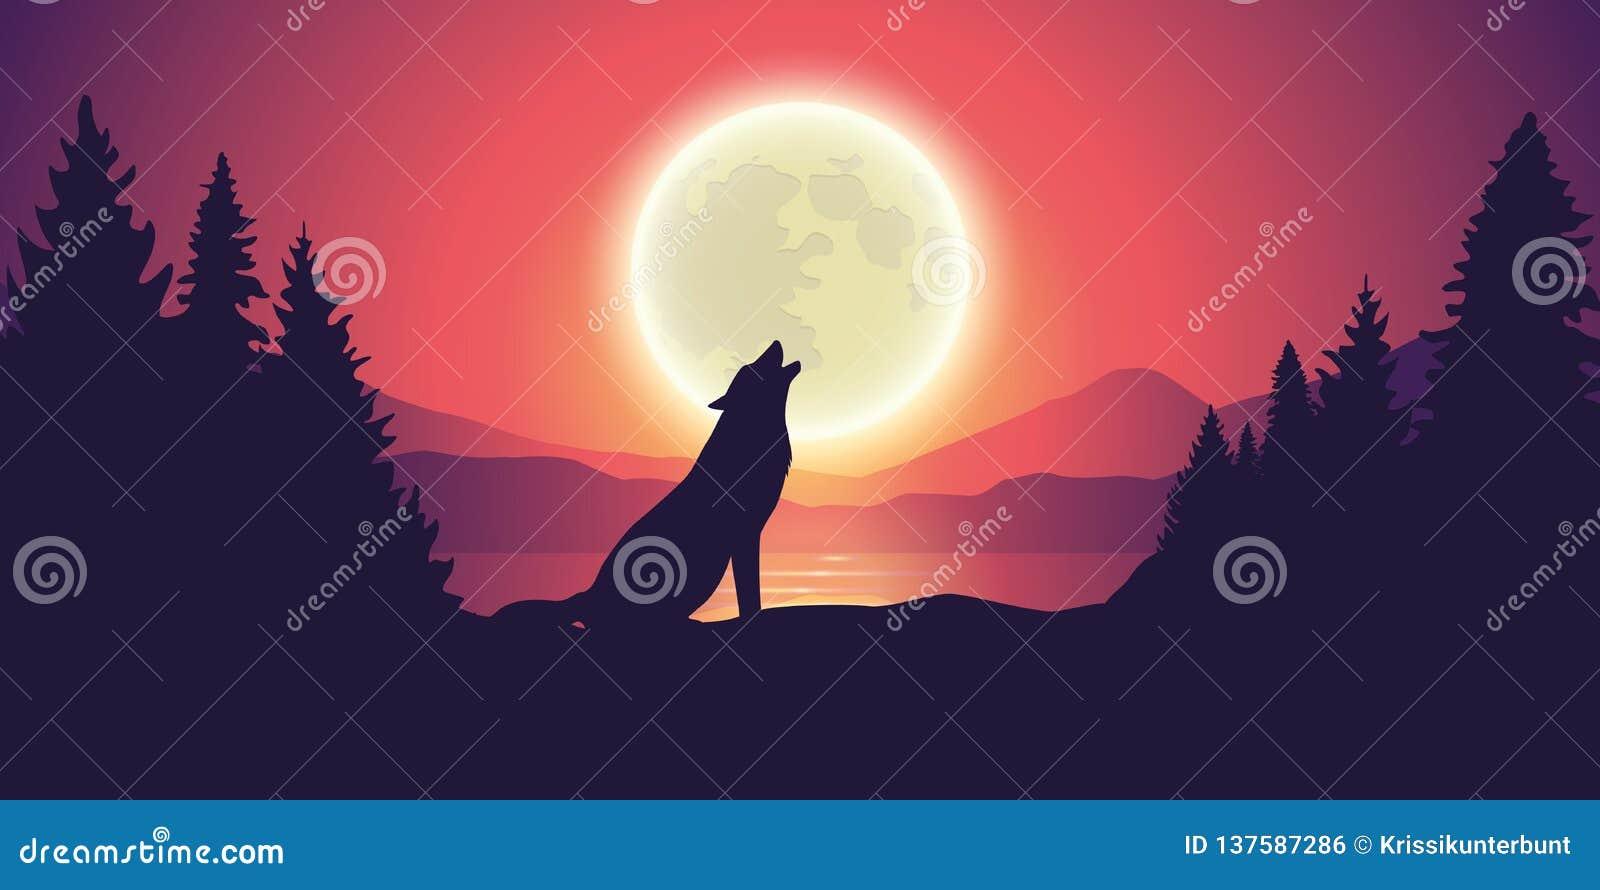 Le Loup Hurle La Lune Par Le Lac Au Paysage De Forêt Et De